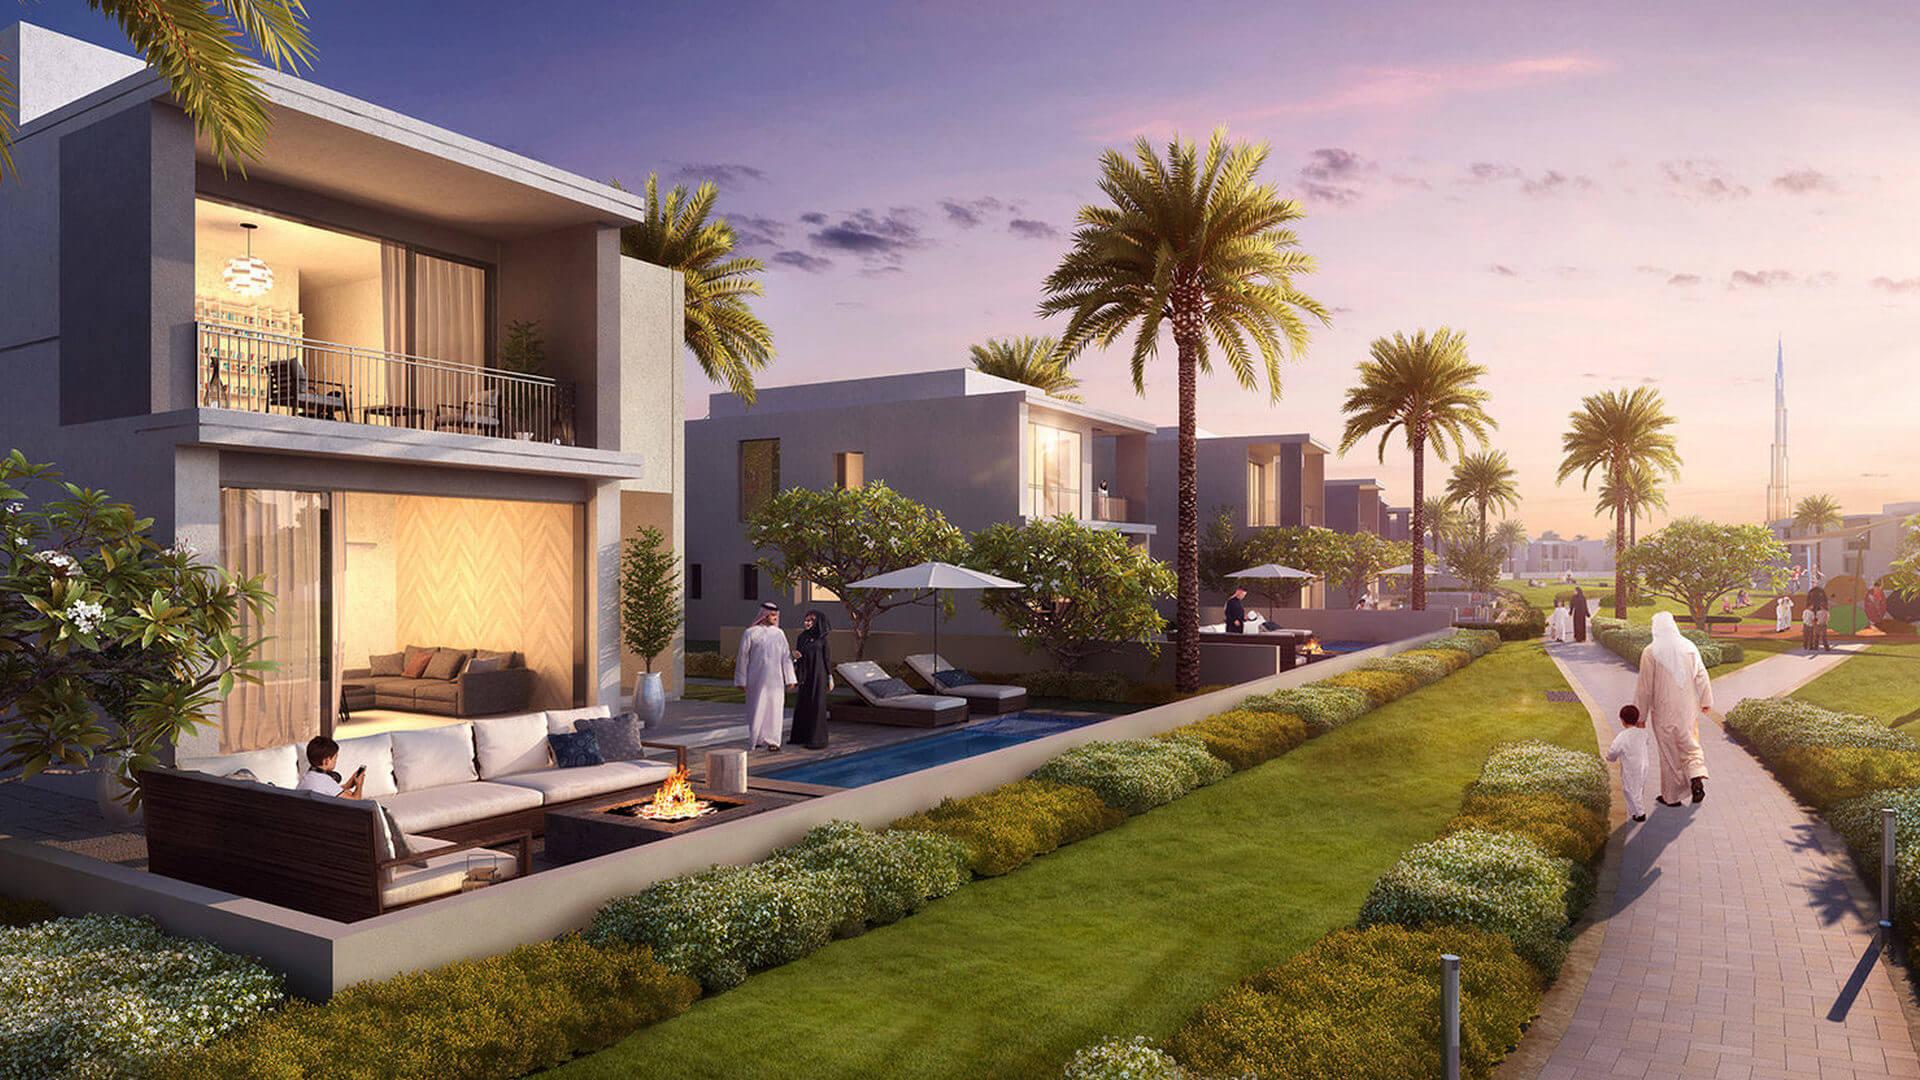 SIDRA VILLAS, Dubai Hills Estate, UAE – photo 1